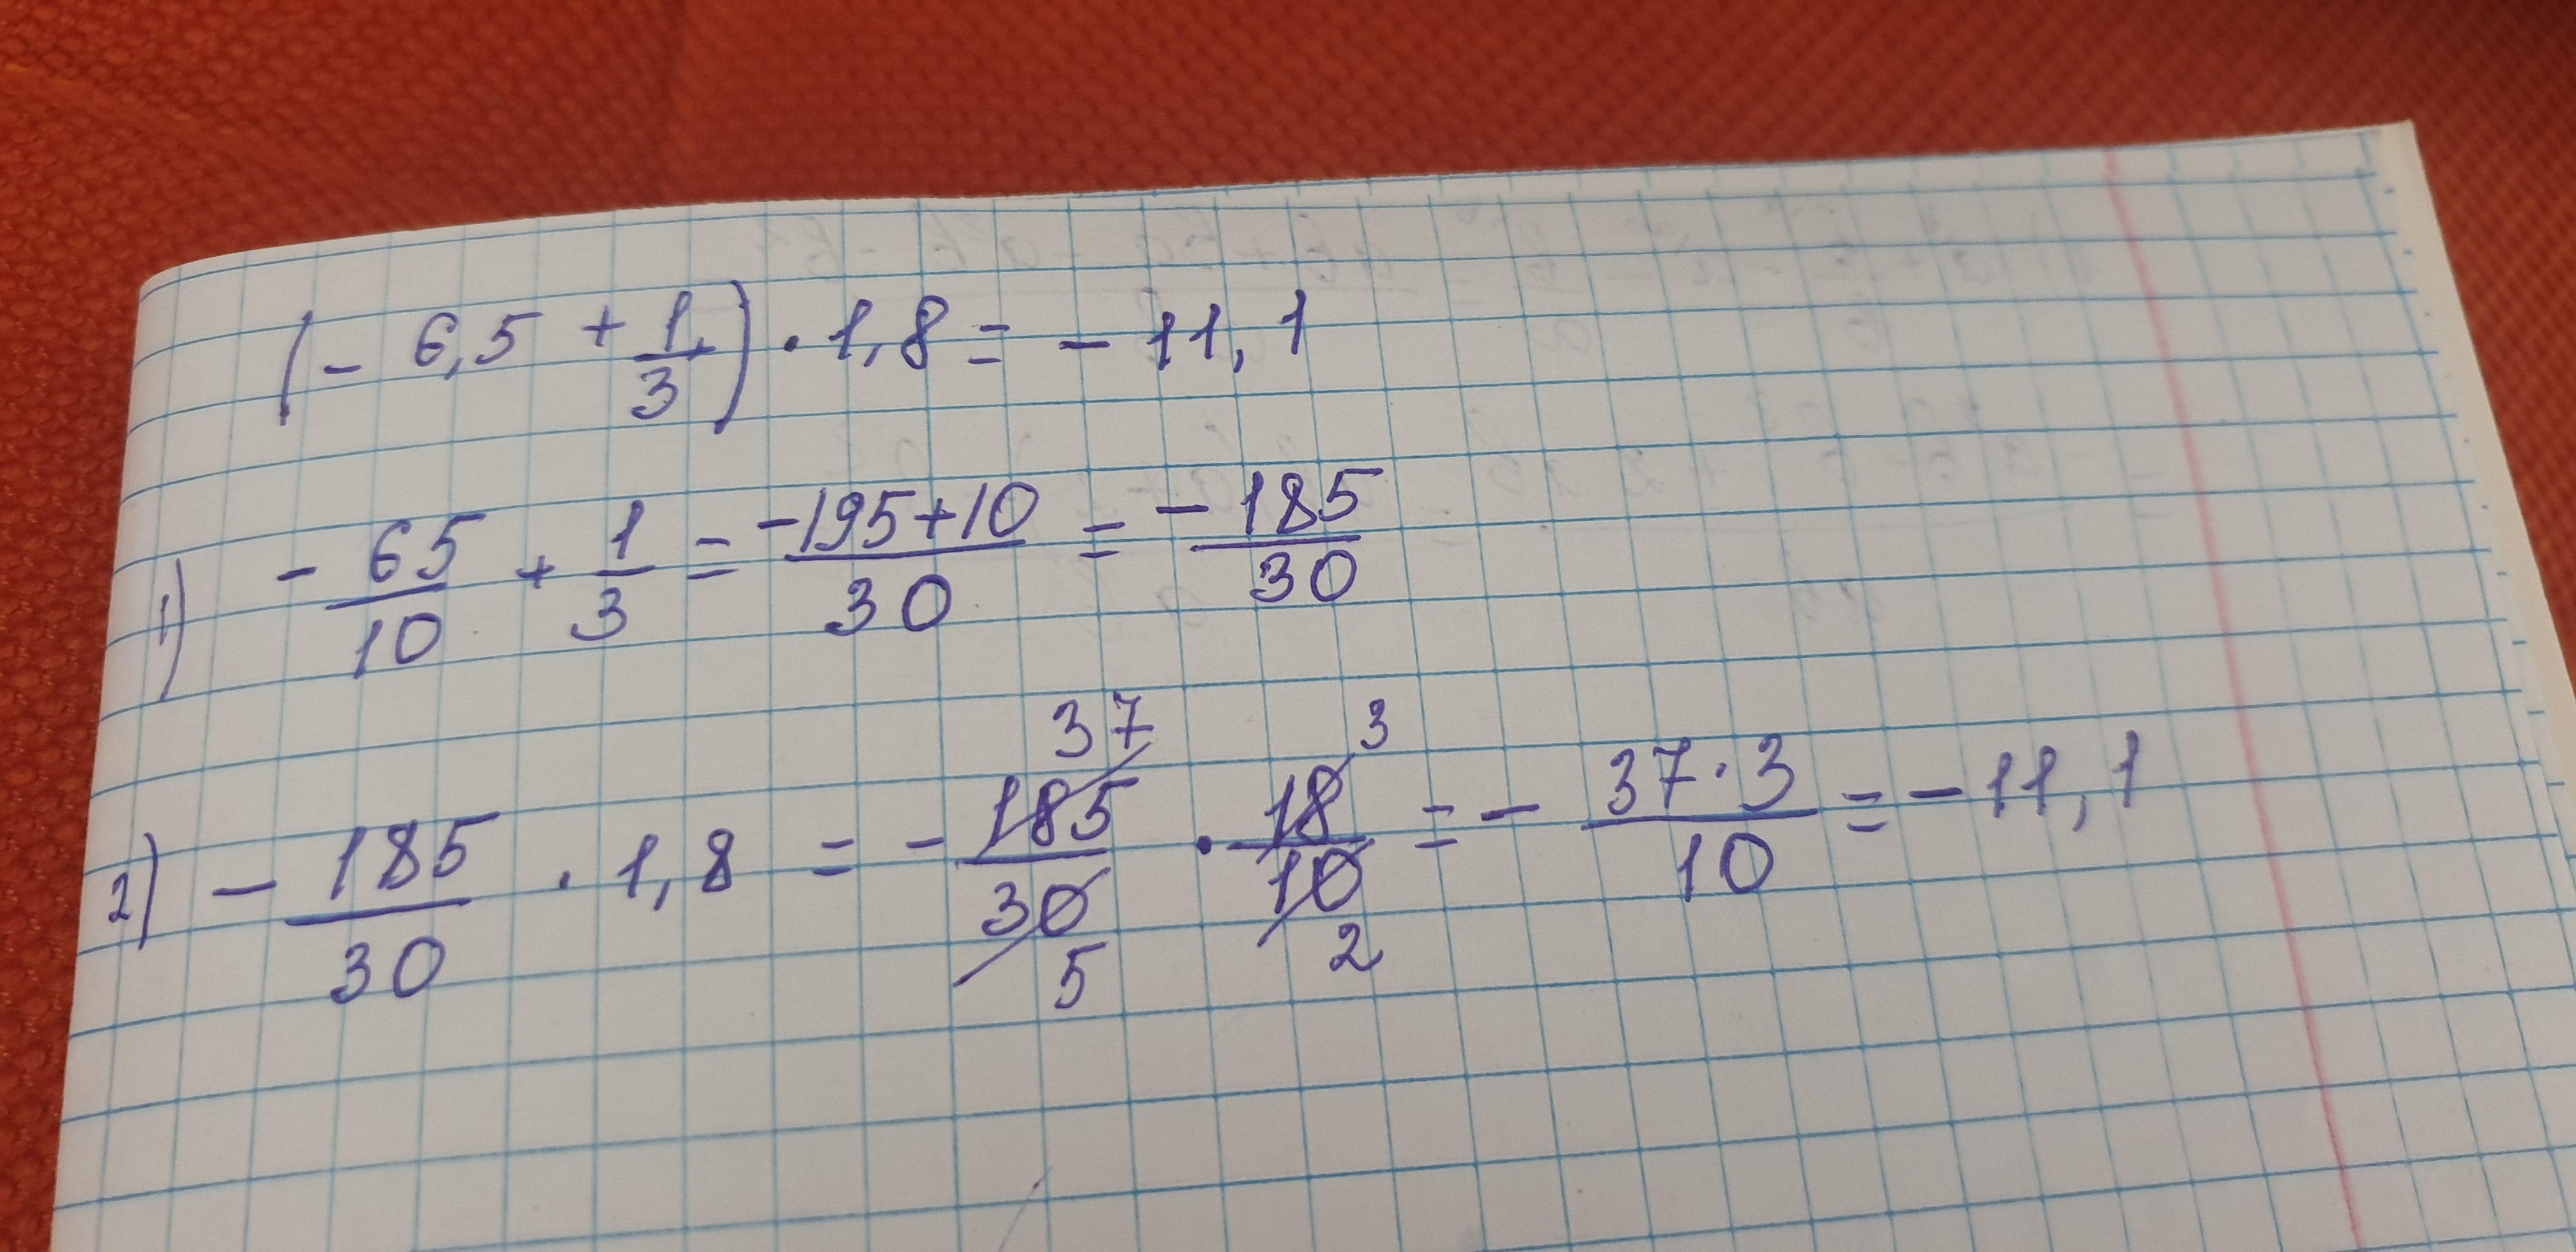 (-6.5+1/3)*1.8 решите плиз варианты ответов а)1.11